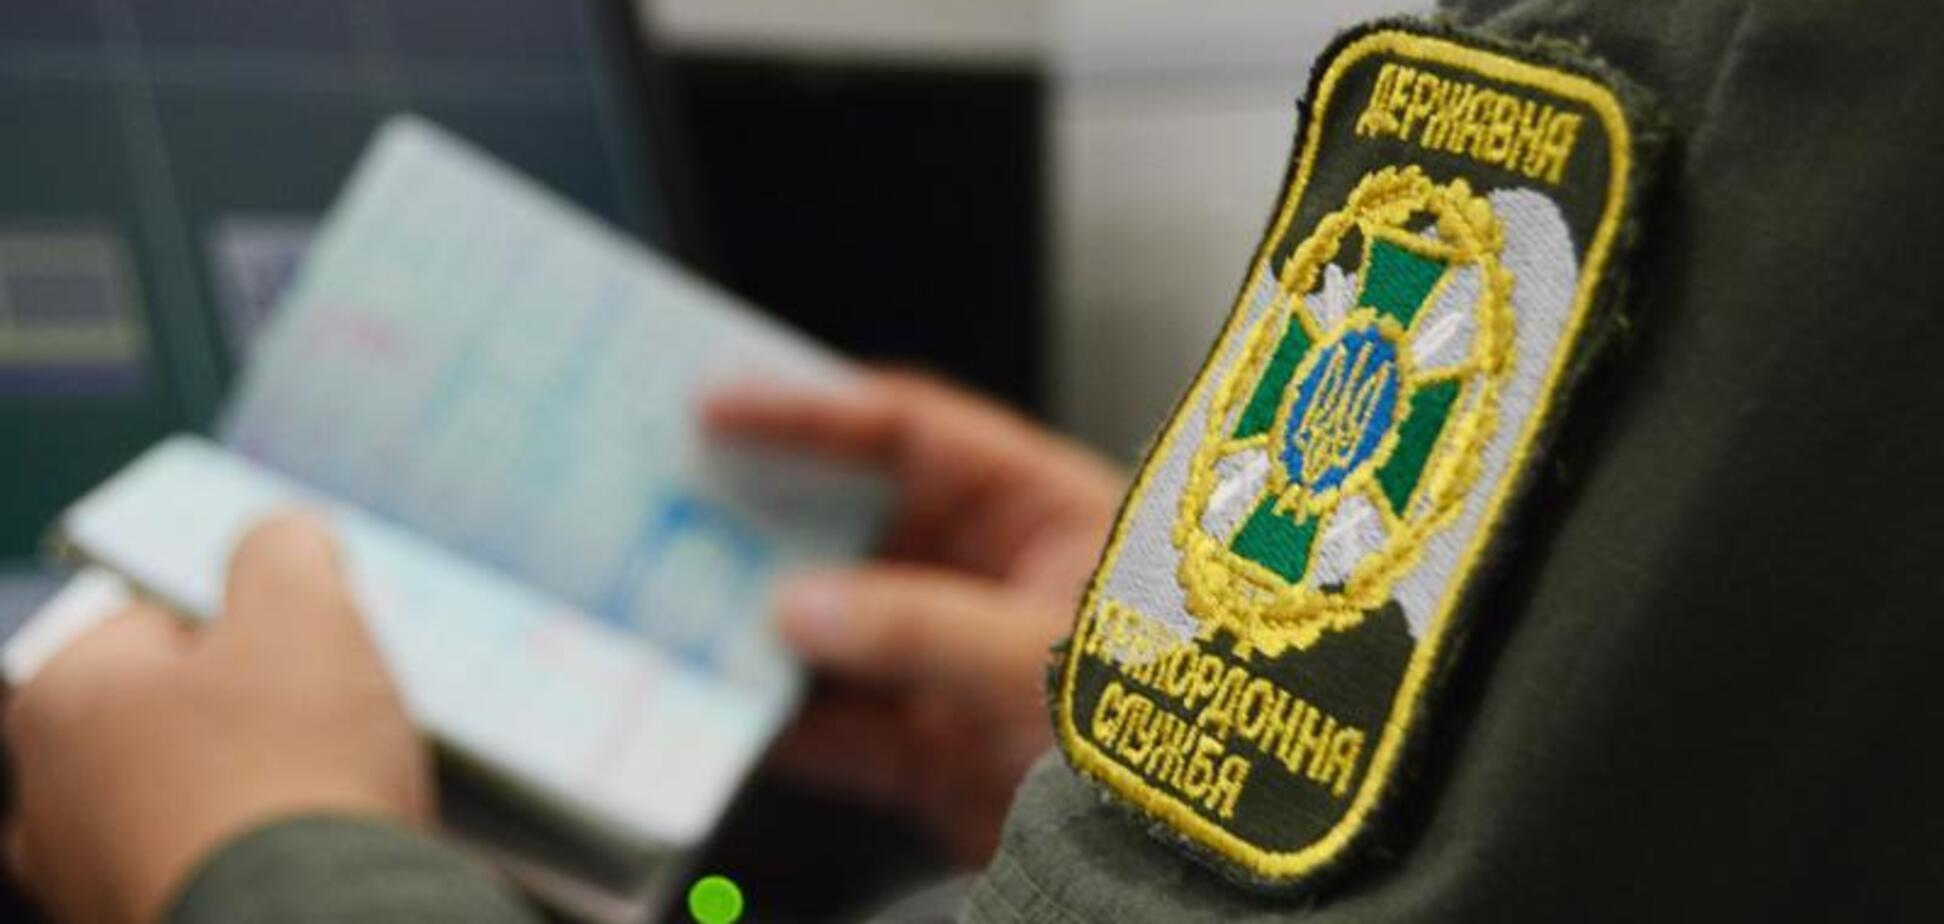 Розвернули на кордоні: до України не пустили дипломата з Росії